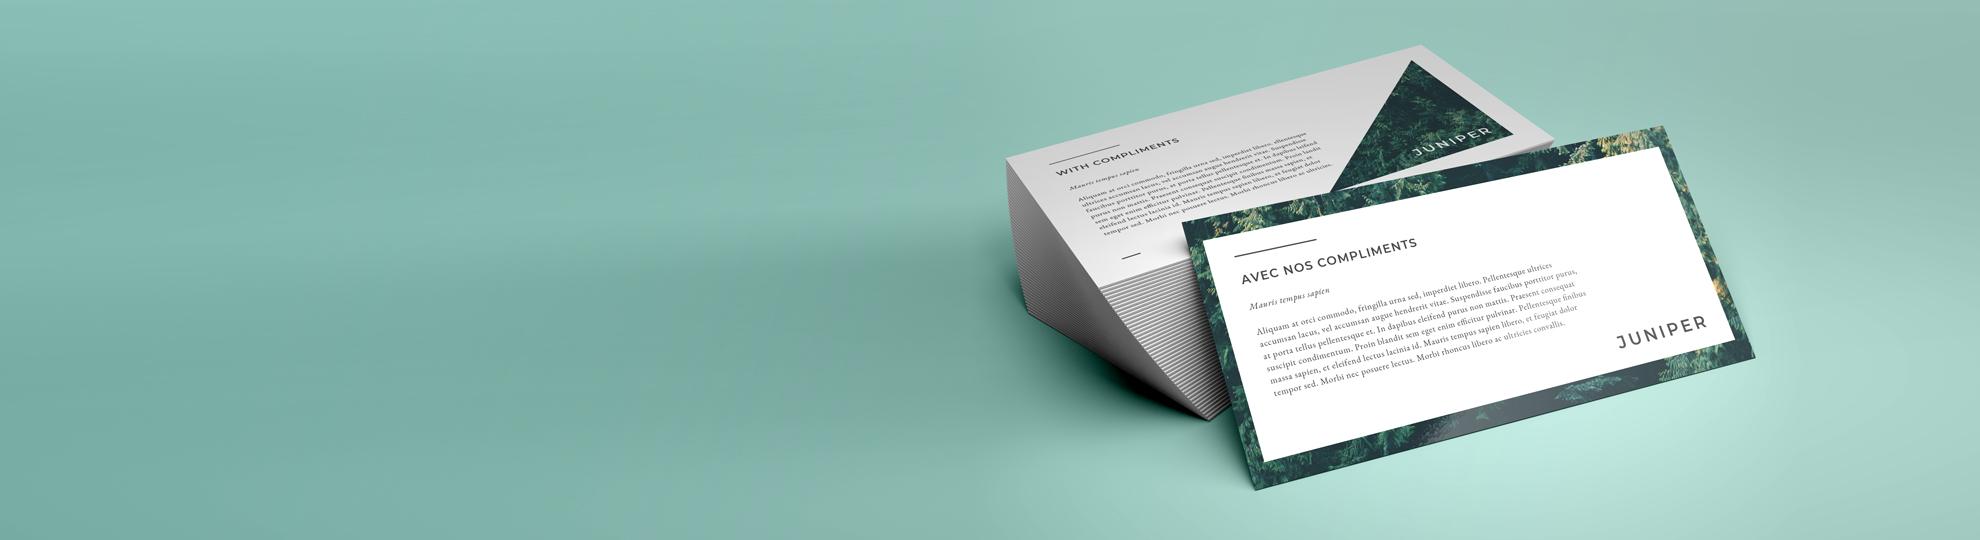 Imprimer cartes de correspondance personnalisées